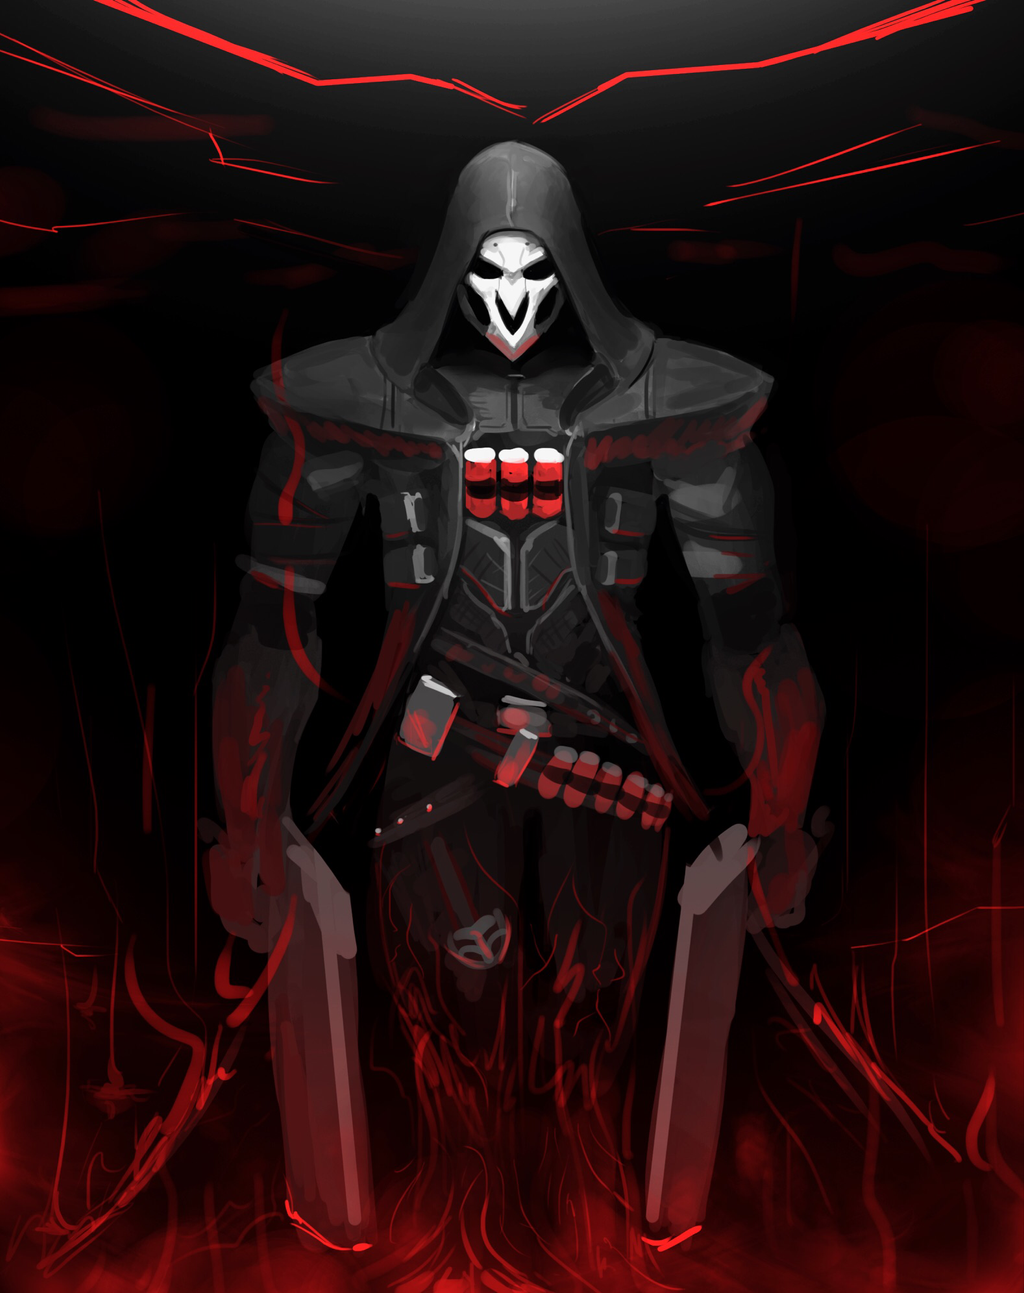 Overwatch - Reaper by FotusKnight